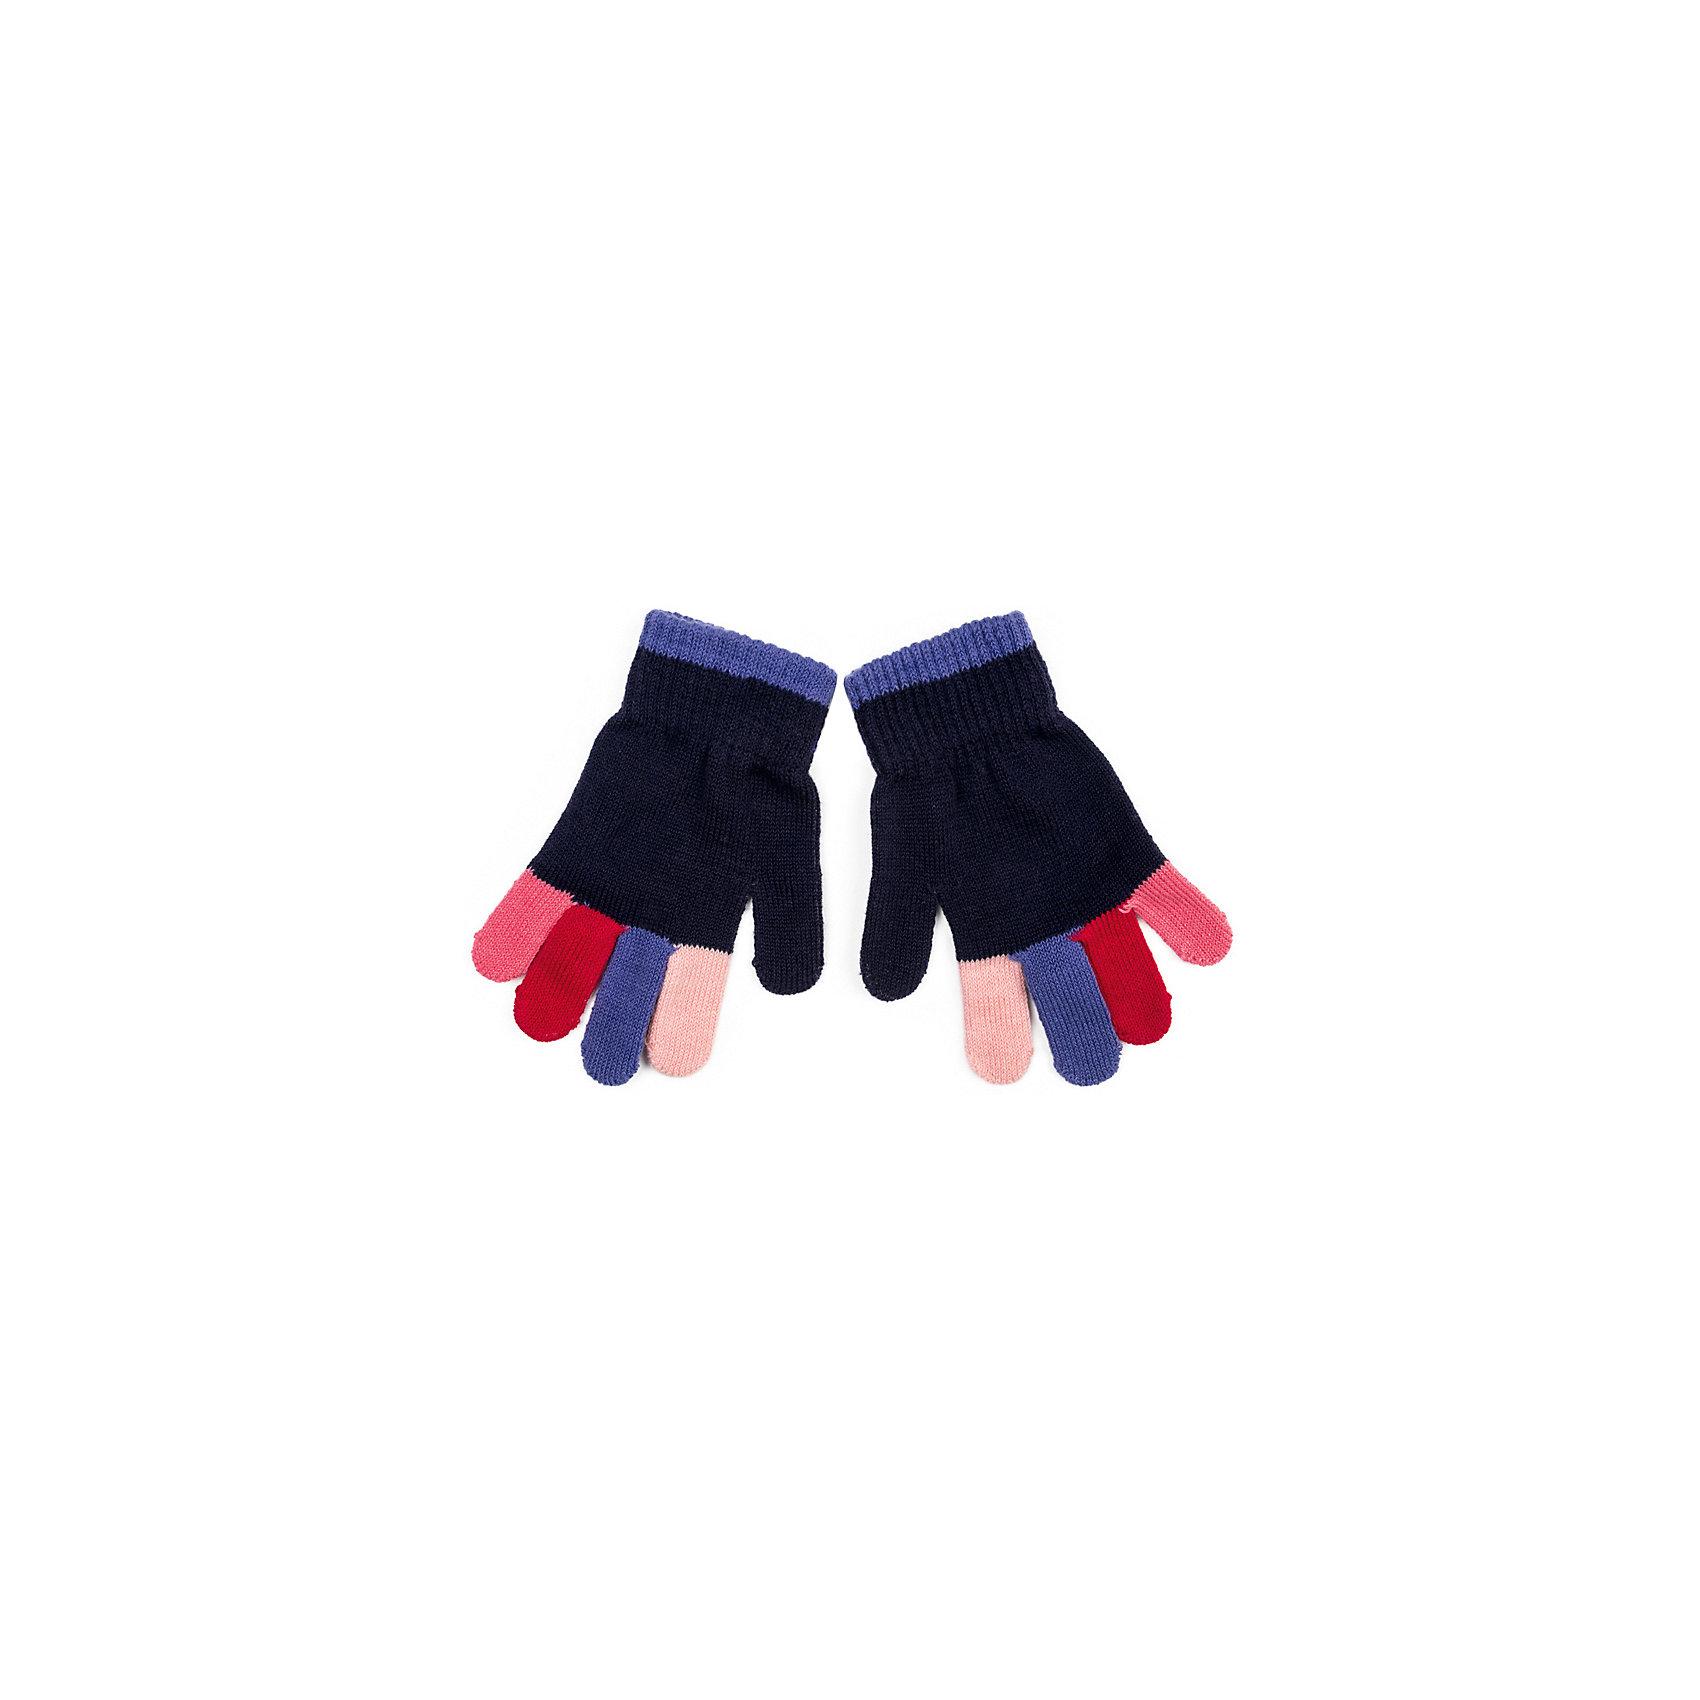 Перчатки PlayToday для девочкиПерчатки, варежки<br>Перчатки PlayToday для девочки<br>Вязаные перчатки станут идеальным вариантом для прохладной погоды. Они очень мягкие, хорошо тянутся и прекрасно сохраняют тепло. На манжетах - плотная резинка, которая хорошо держит перчатки на руках ребенка. Модель выполнена в технике yarn dyed, в процессе производства используются разного цвета нити. Изделие, при рекомендуемом уходе, не линяет и надолго остается в прежнем виде.<br>Состав:<br>80% хлопок, 18% нейлон, 2% эластан<br><br>Ширина мм: 162<br>Глубина мм: 171<br>Высота мм: 55<br>Вес г: 119<br>Цвет: белый<br>Возраст от месяцев: 84<br>Возраст до месяцев: 96<br>Пол: Женский<br>Возраст: Детский<br>Размер: 4,2,3<br>SKU: 7106155